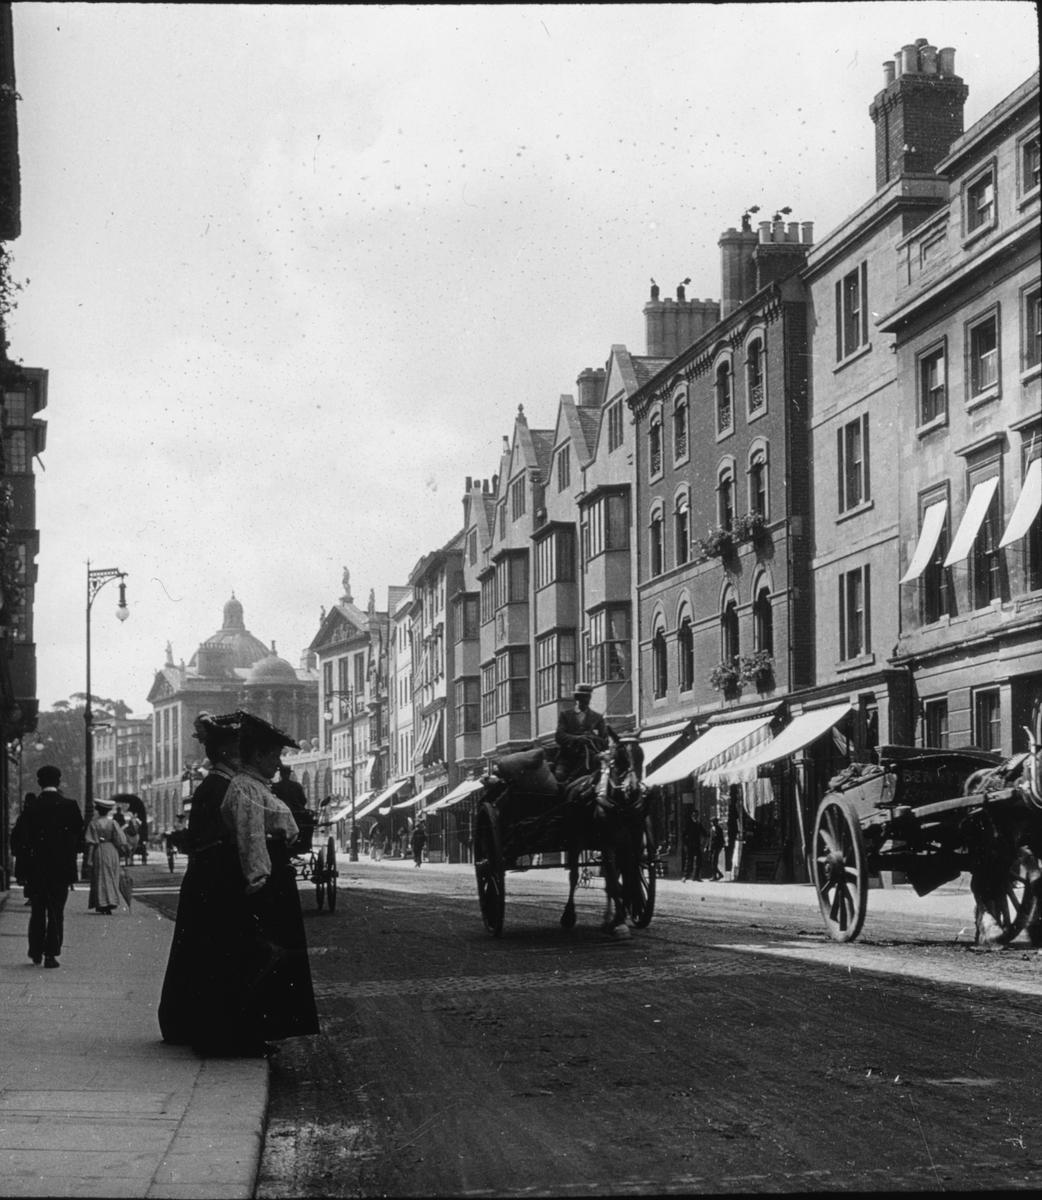 Skioptikonbild med motiv från High Street i Oxford. Vy mot väster Bilden har förvarats i kartong märkt: Oxford 1906.